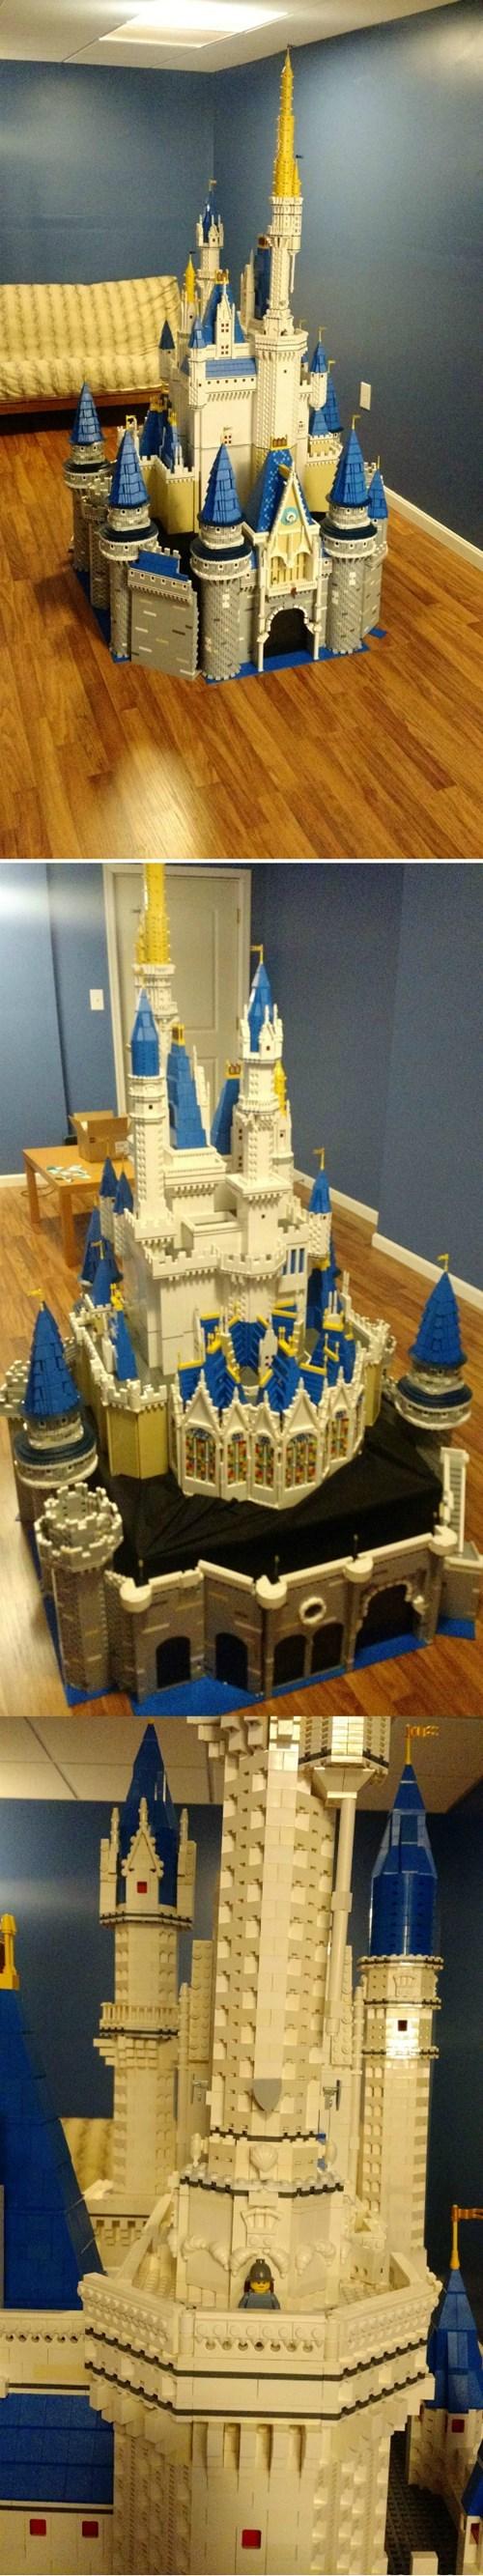 epic-win-pic-lego-cinderella-castle